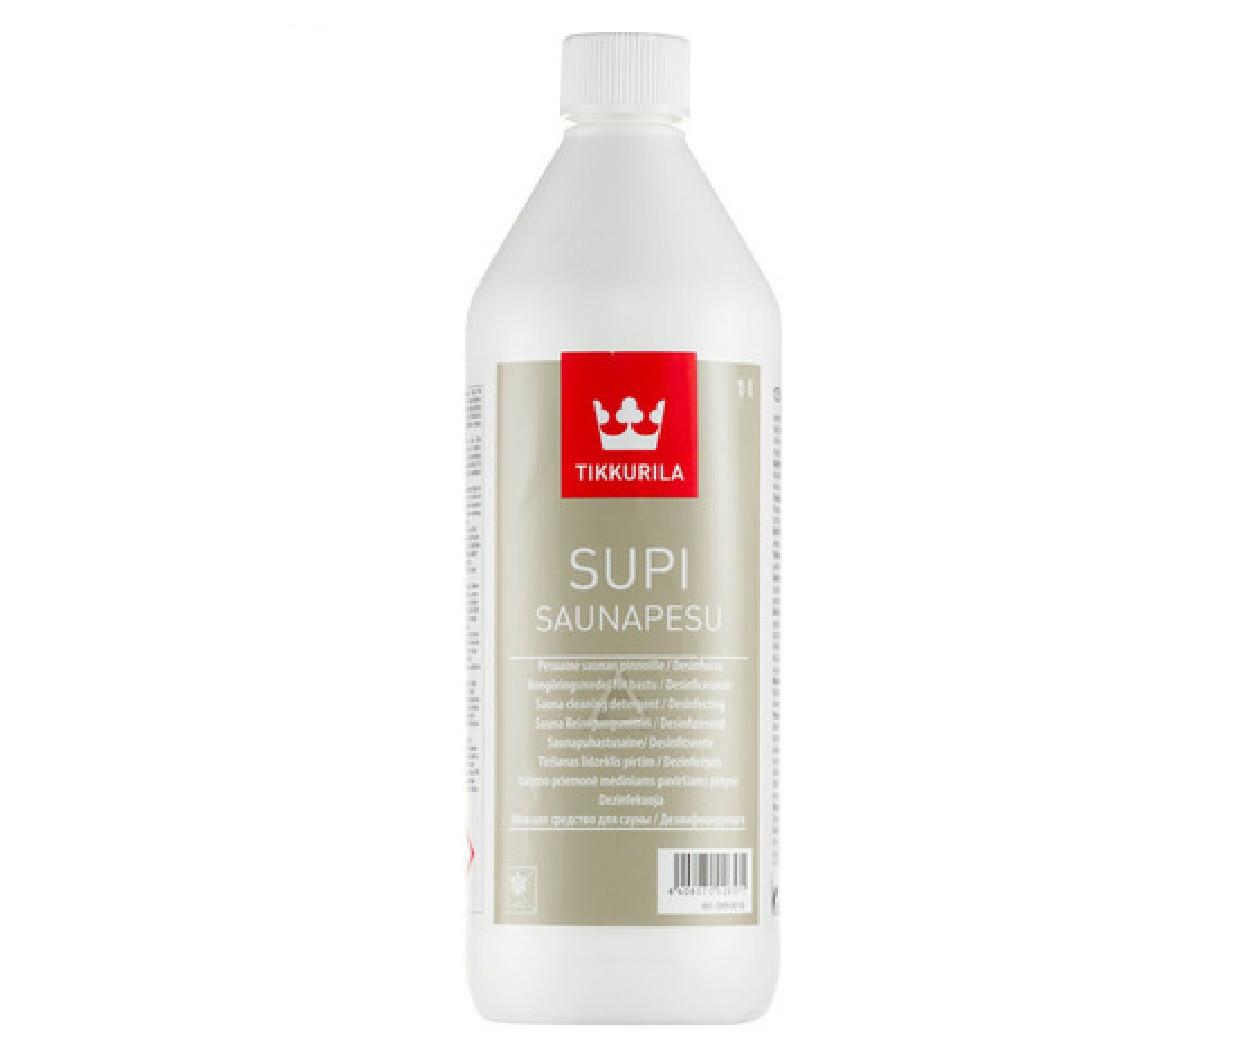 Очиститель кислотный TIKKURILA  SUPI SAUNAPESU для саун 1л